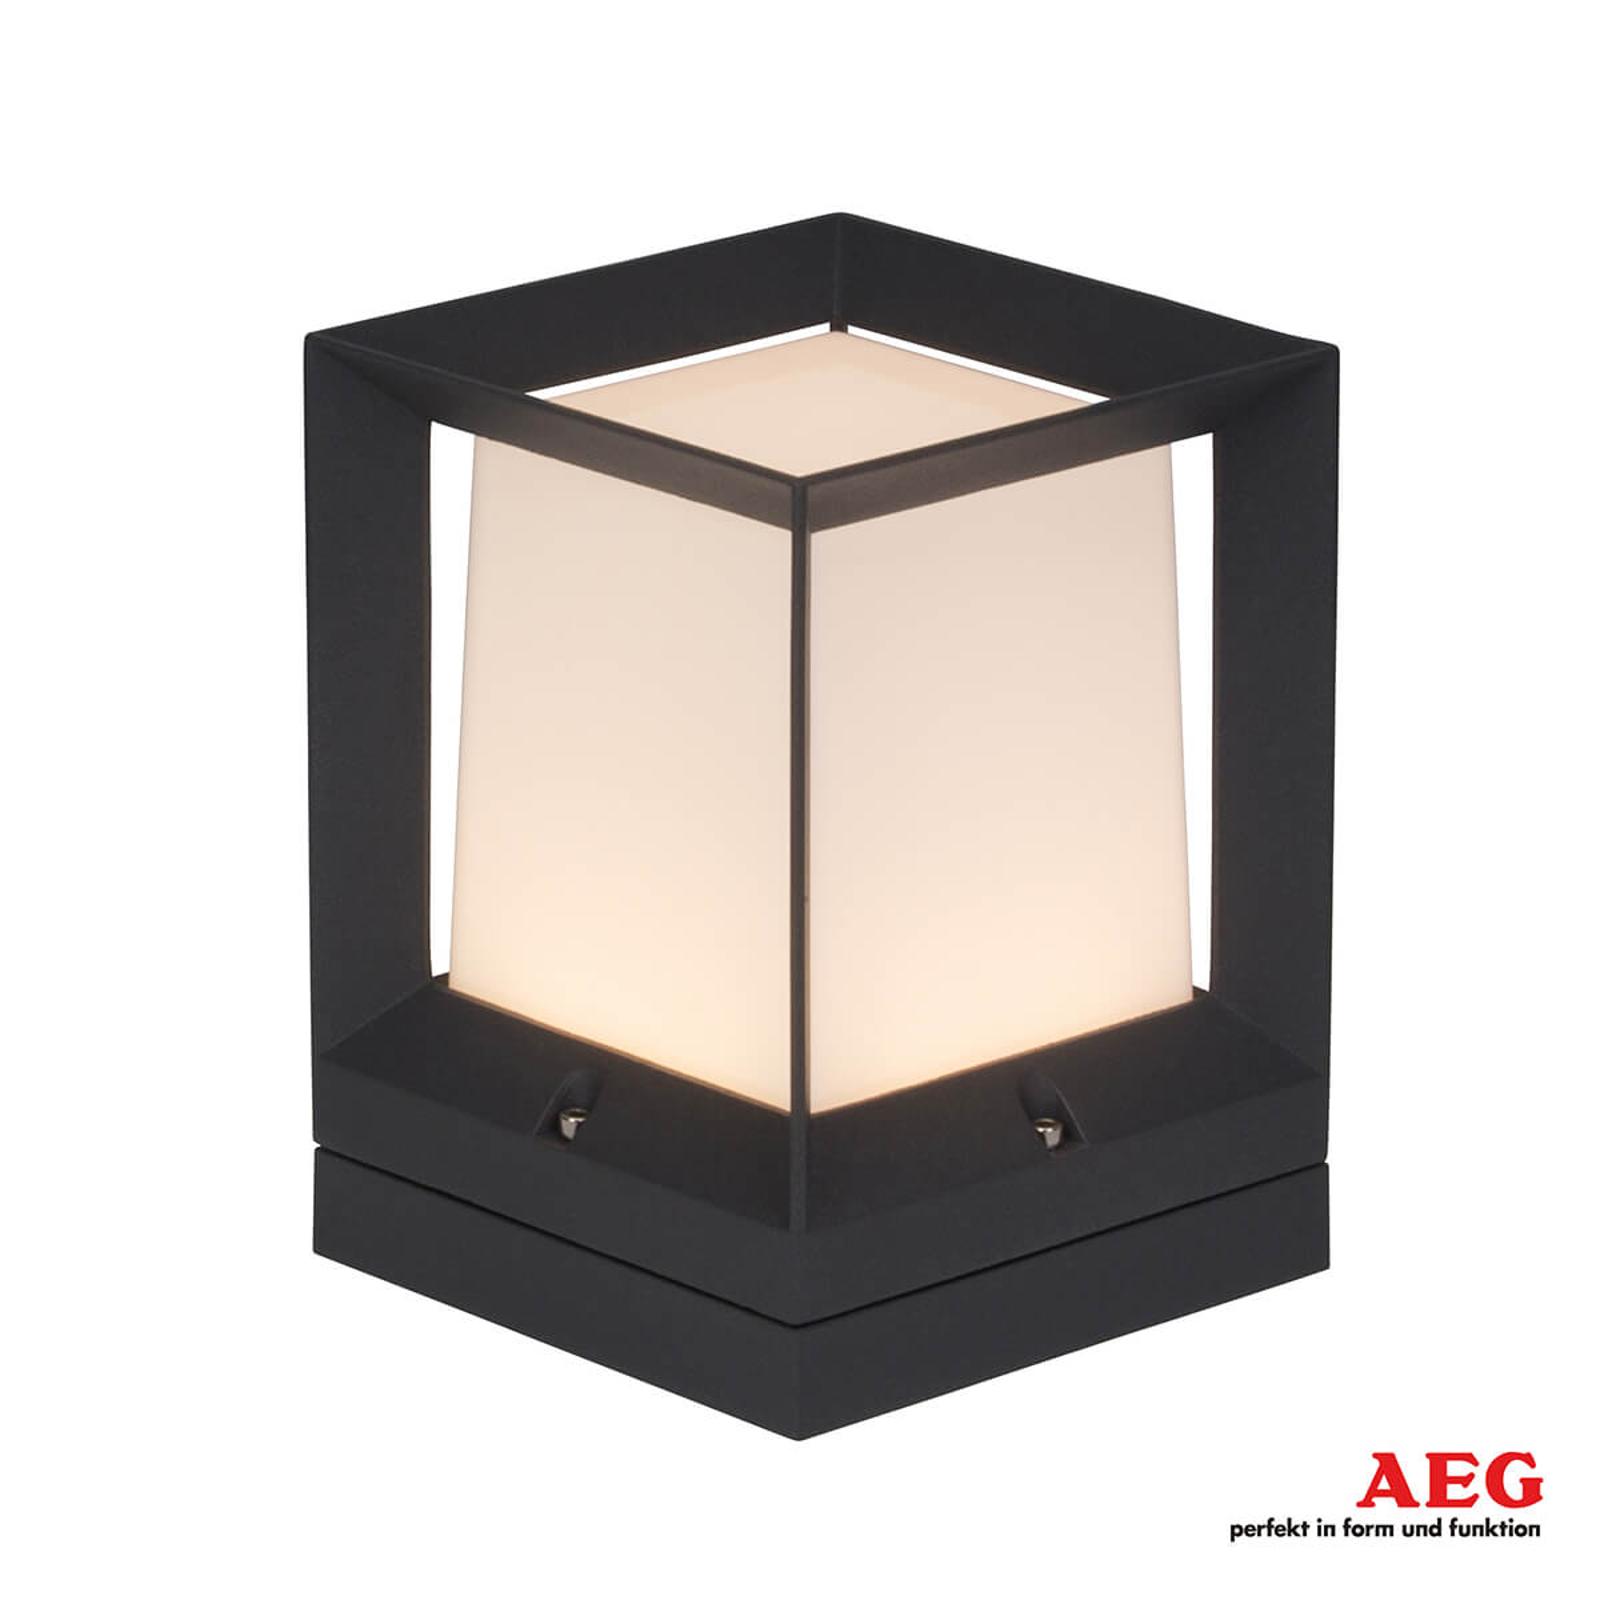 Luminaire LED pour socle Kubus, rectangulaire